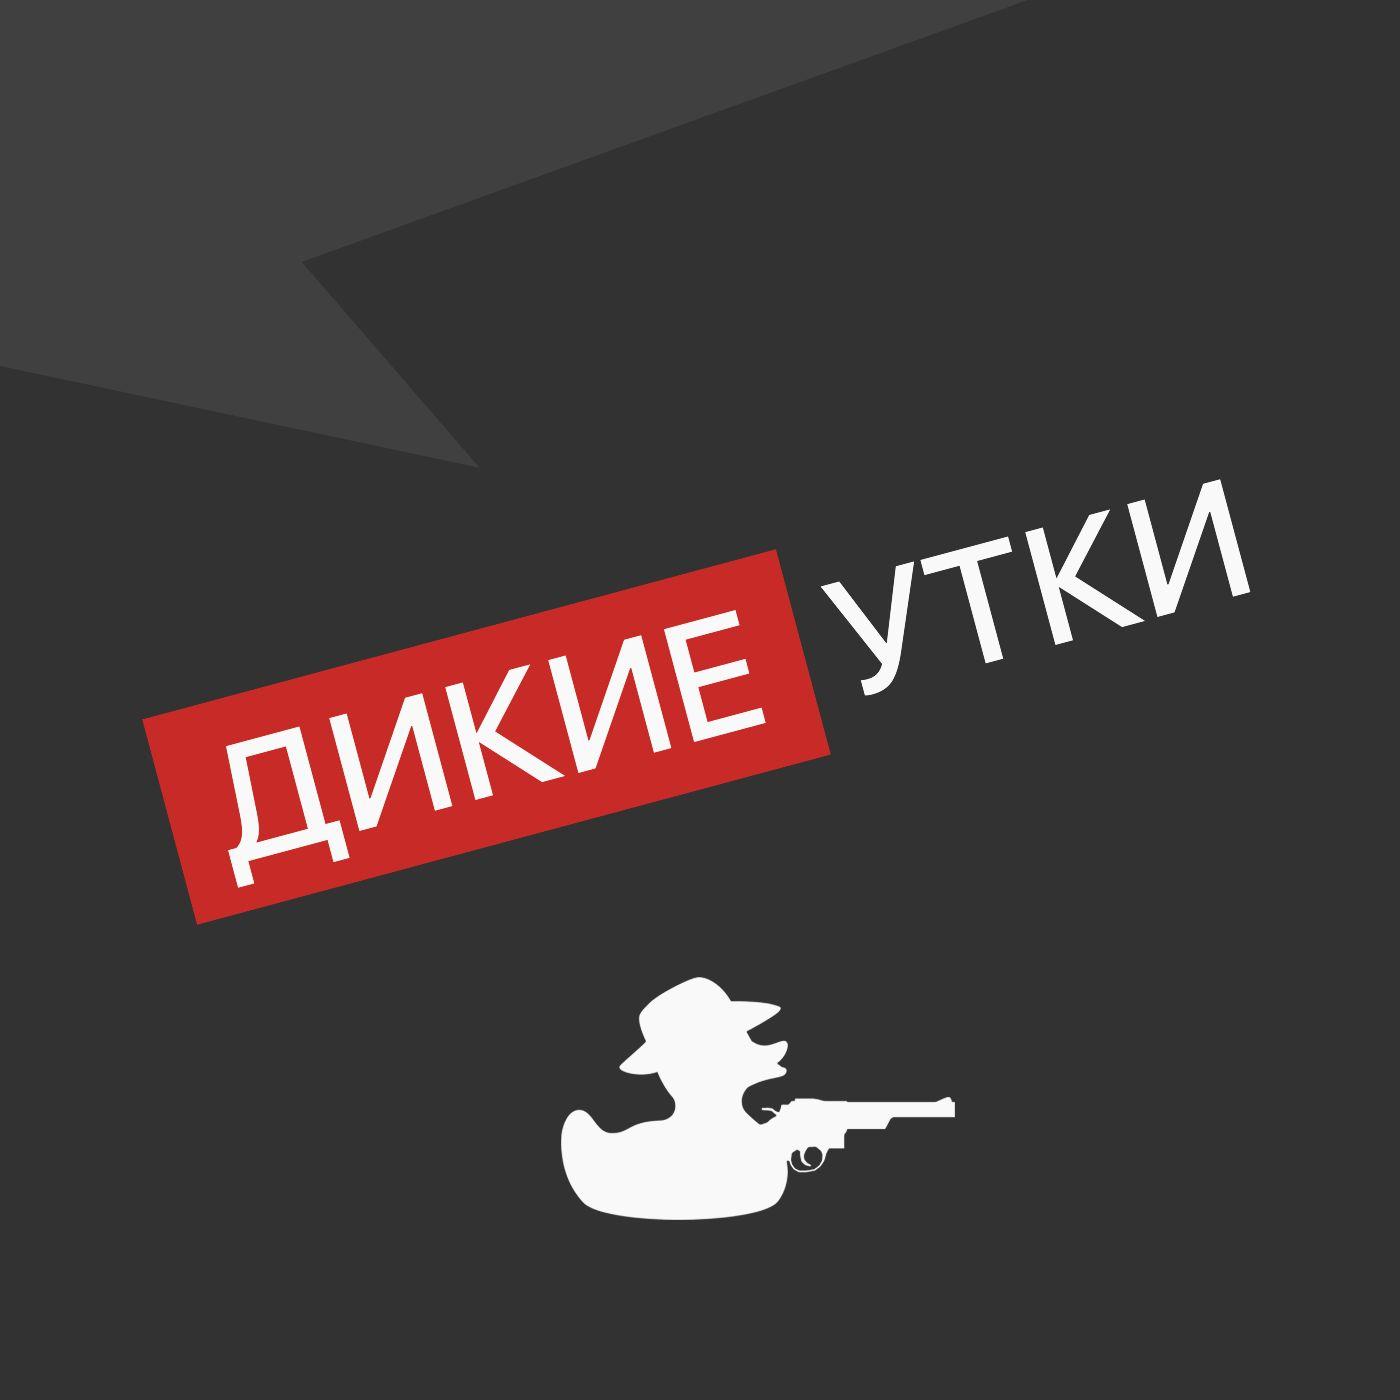 Творческий коллектив Mojomedia Выпуск № 55 творческий коллектив mojomedia владелец квесткомнаты